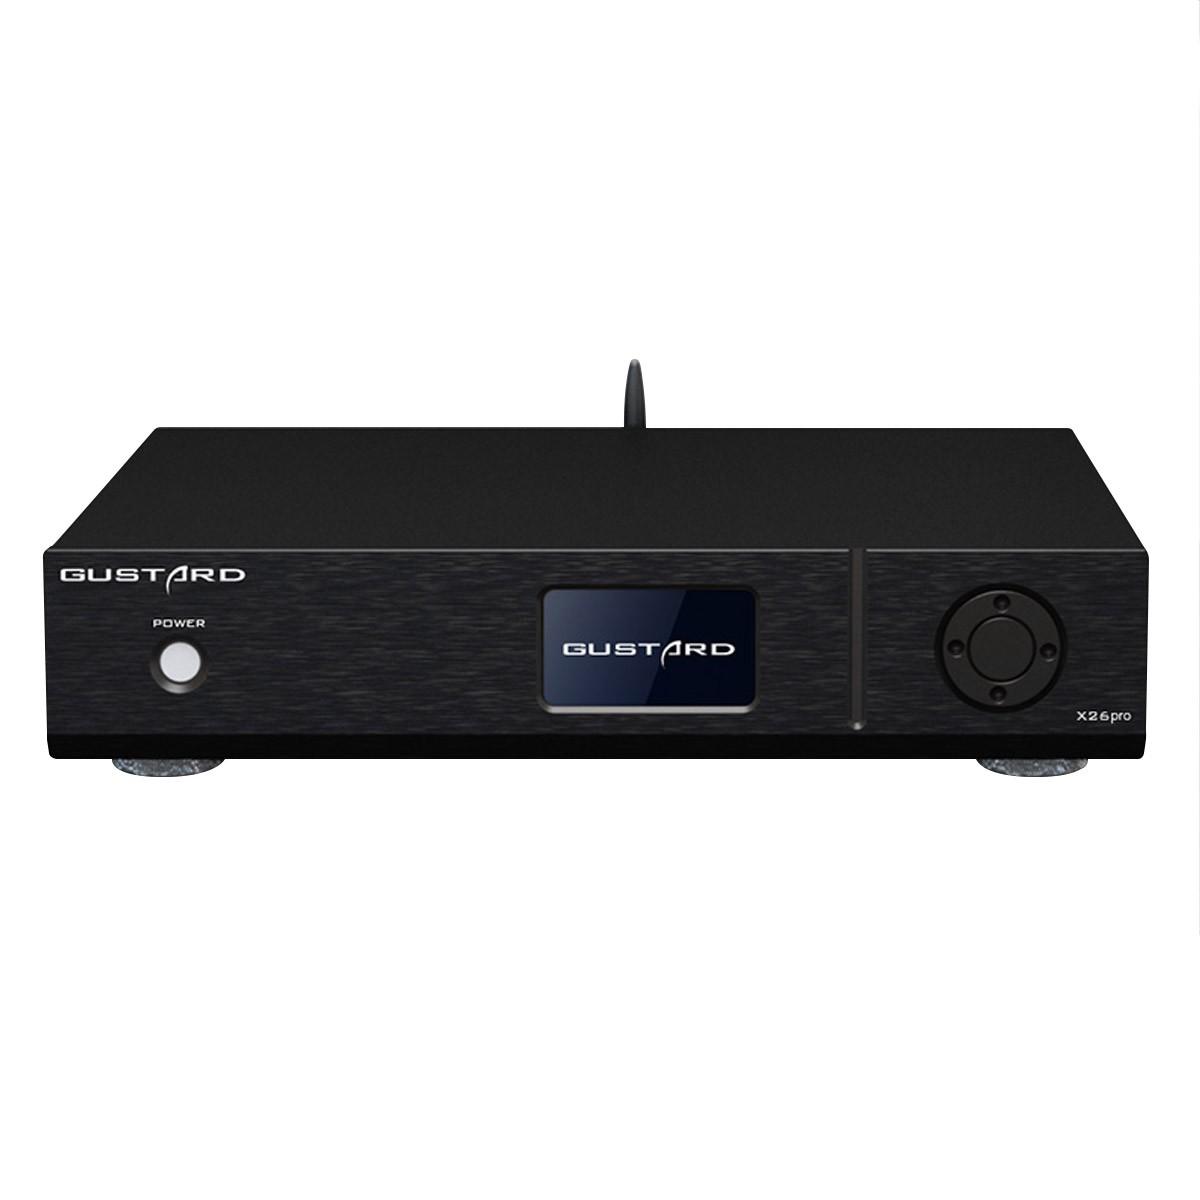 GUSTARD X26 PRO DAC Symétrique 2x ES9038Pro XMOS Bluetooth 5.0 MQA 32Bit 768kHz DSD512 Noir